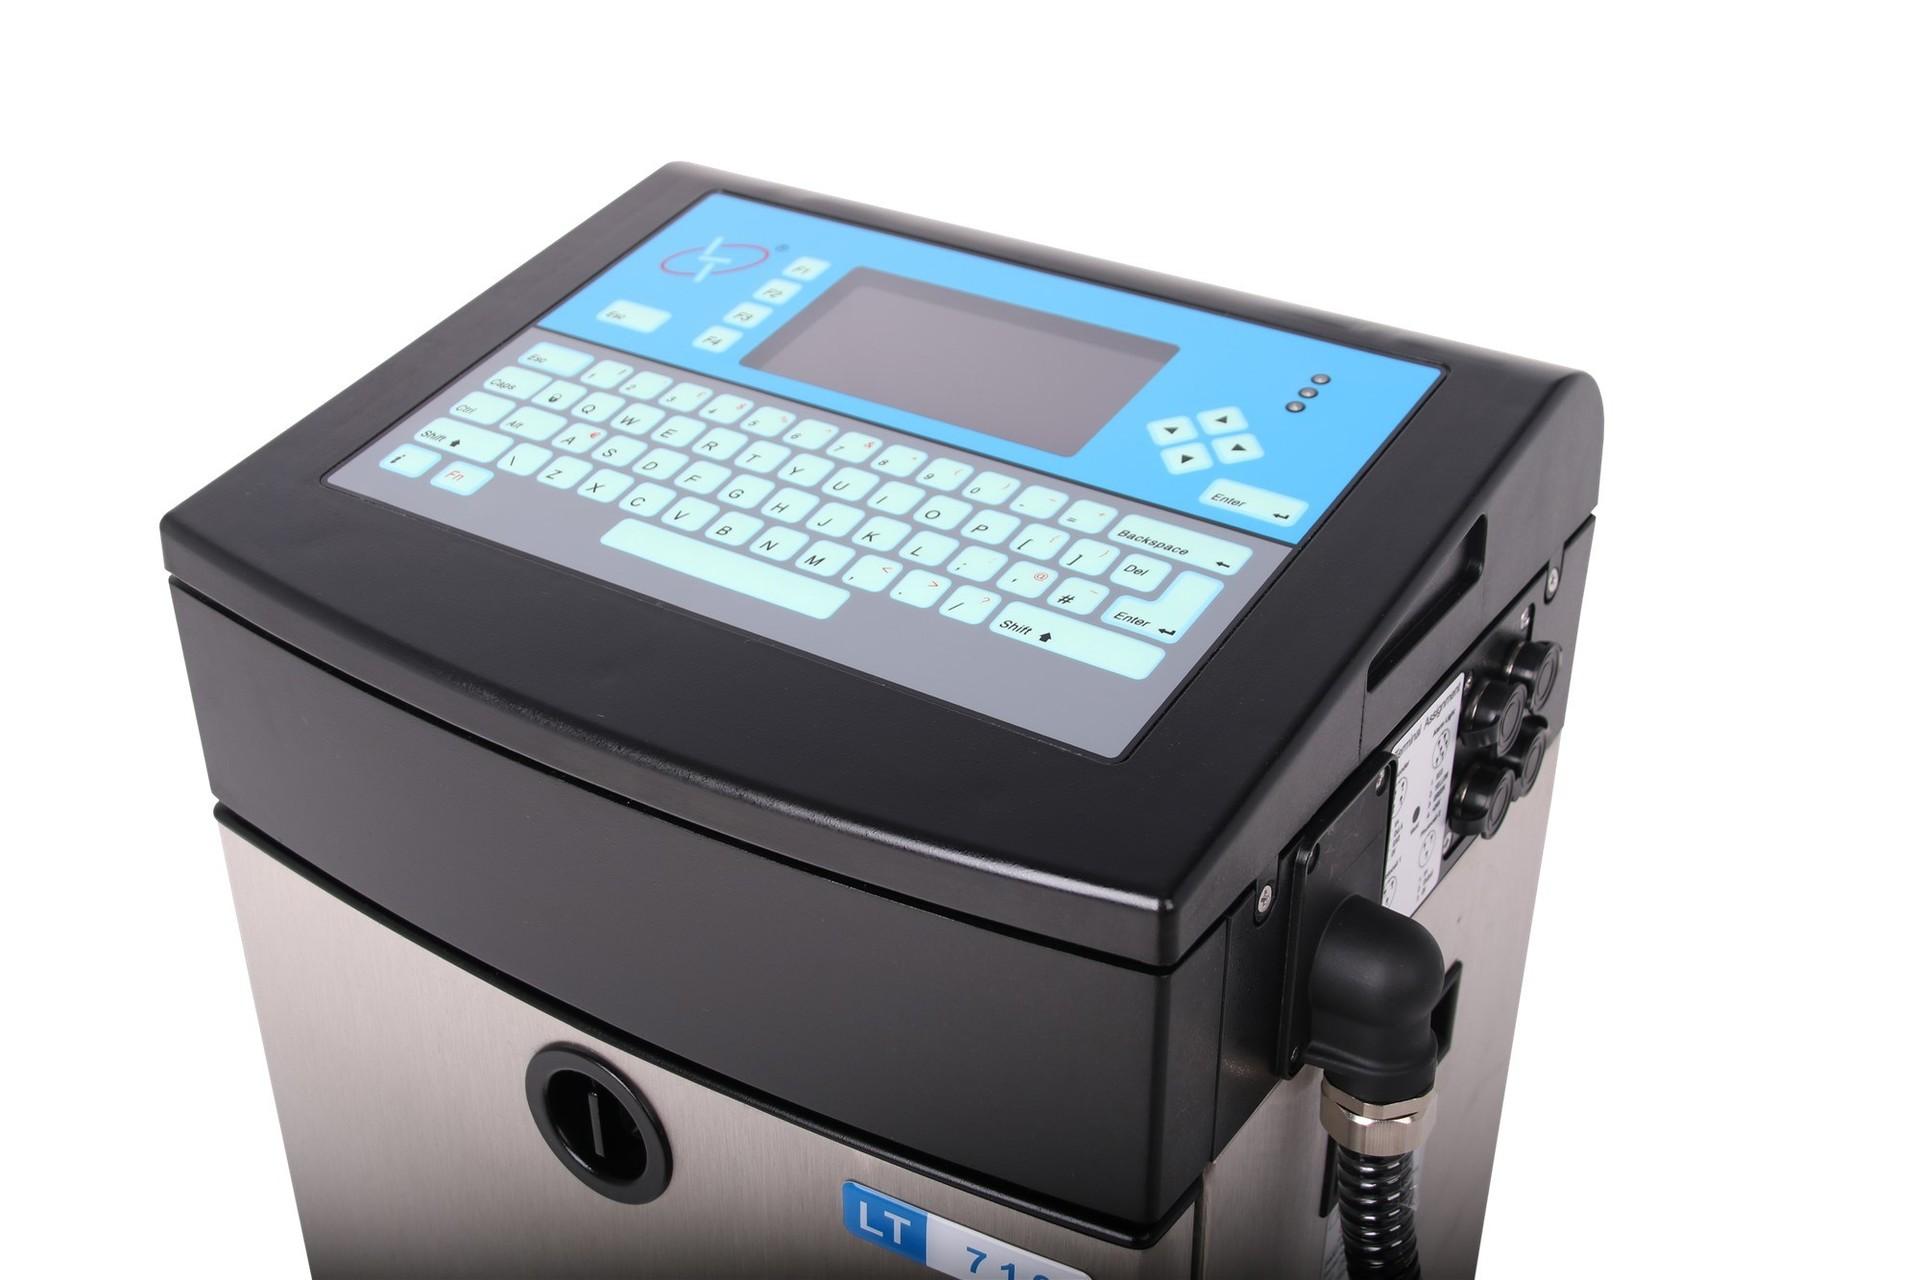 Lead Tech Lt710 Cij Inkjet Printer for PP Pipe Coding